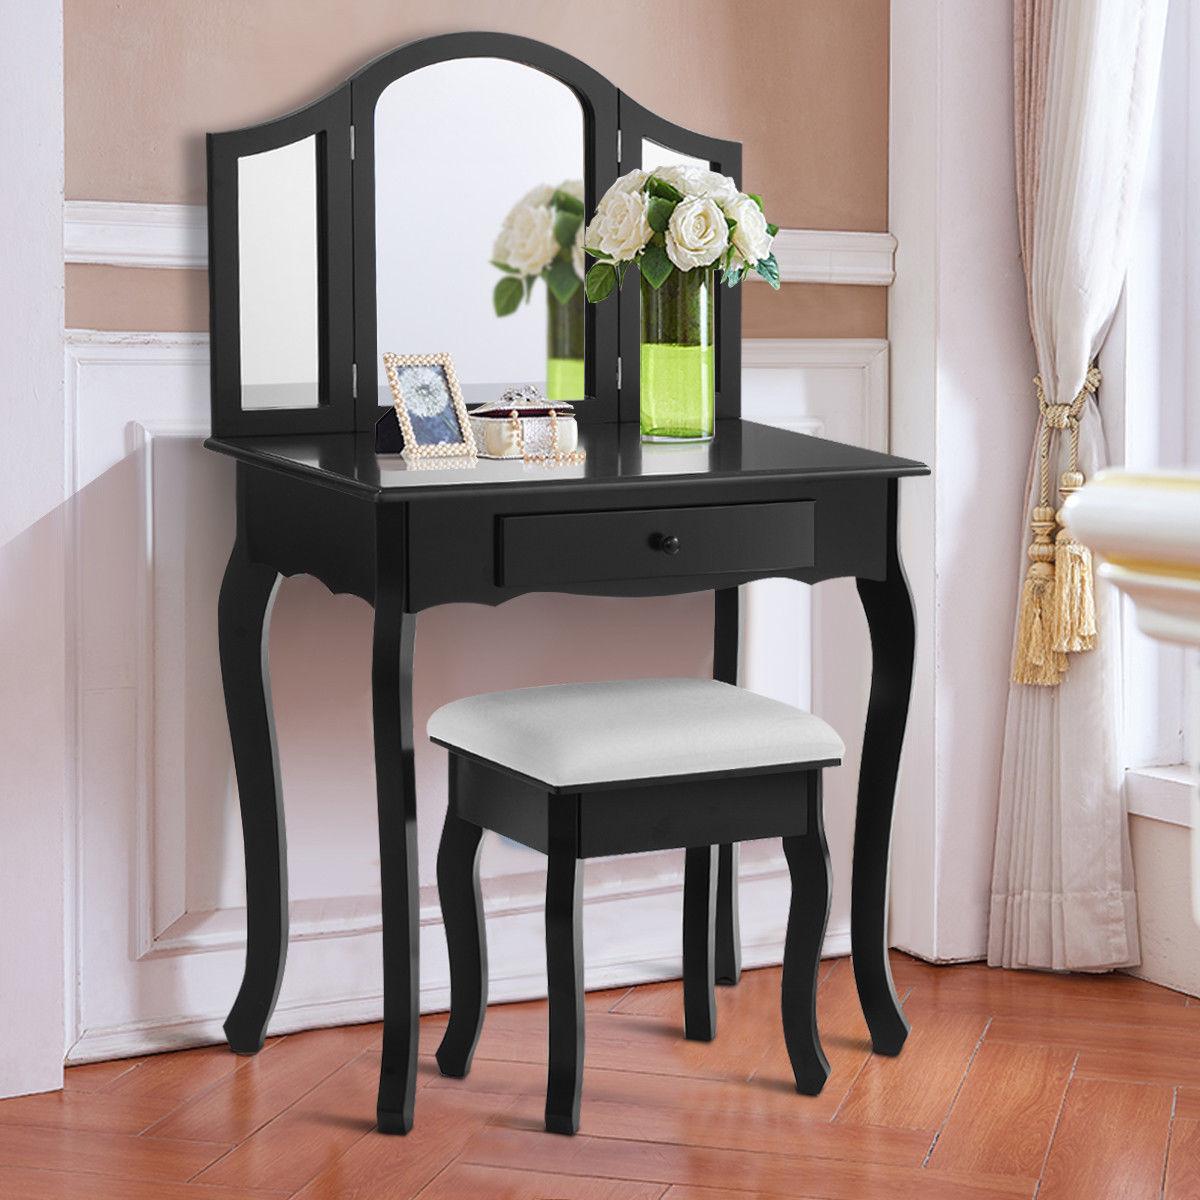 Costway Black Tri Folding Mirror Vanity Makeup Table Set Bathroom W Stool Drawers